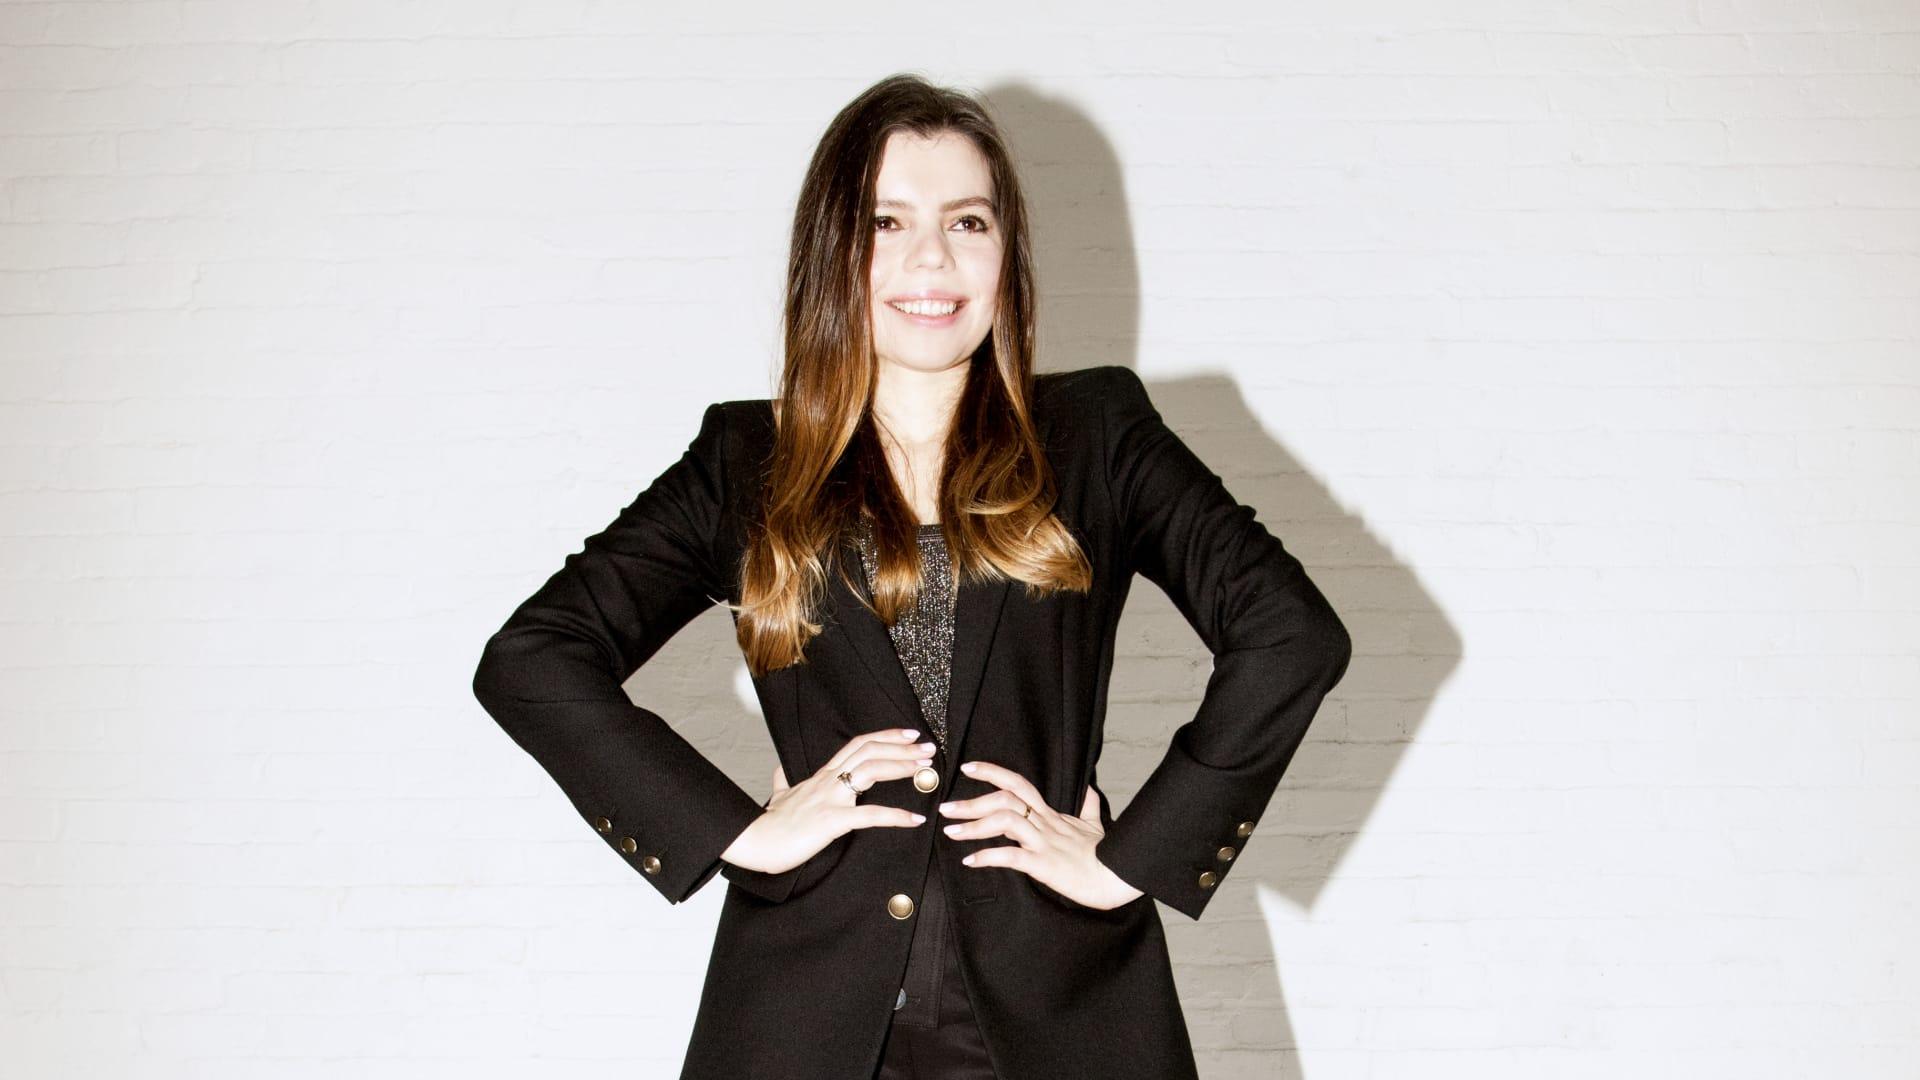 Newsette founder Daniella Pierson.